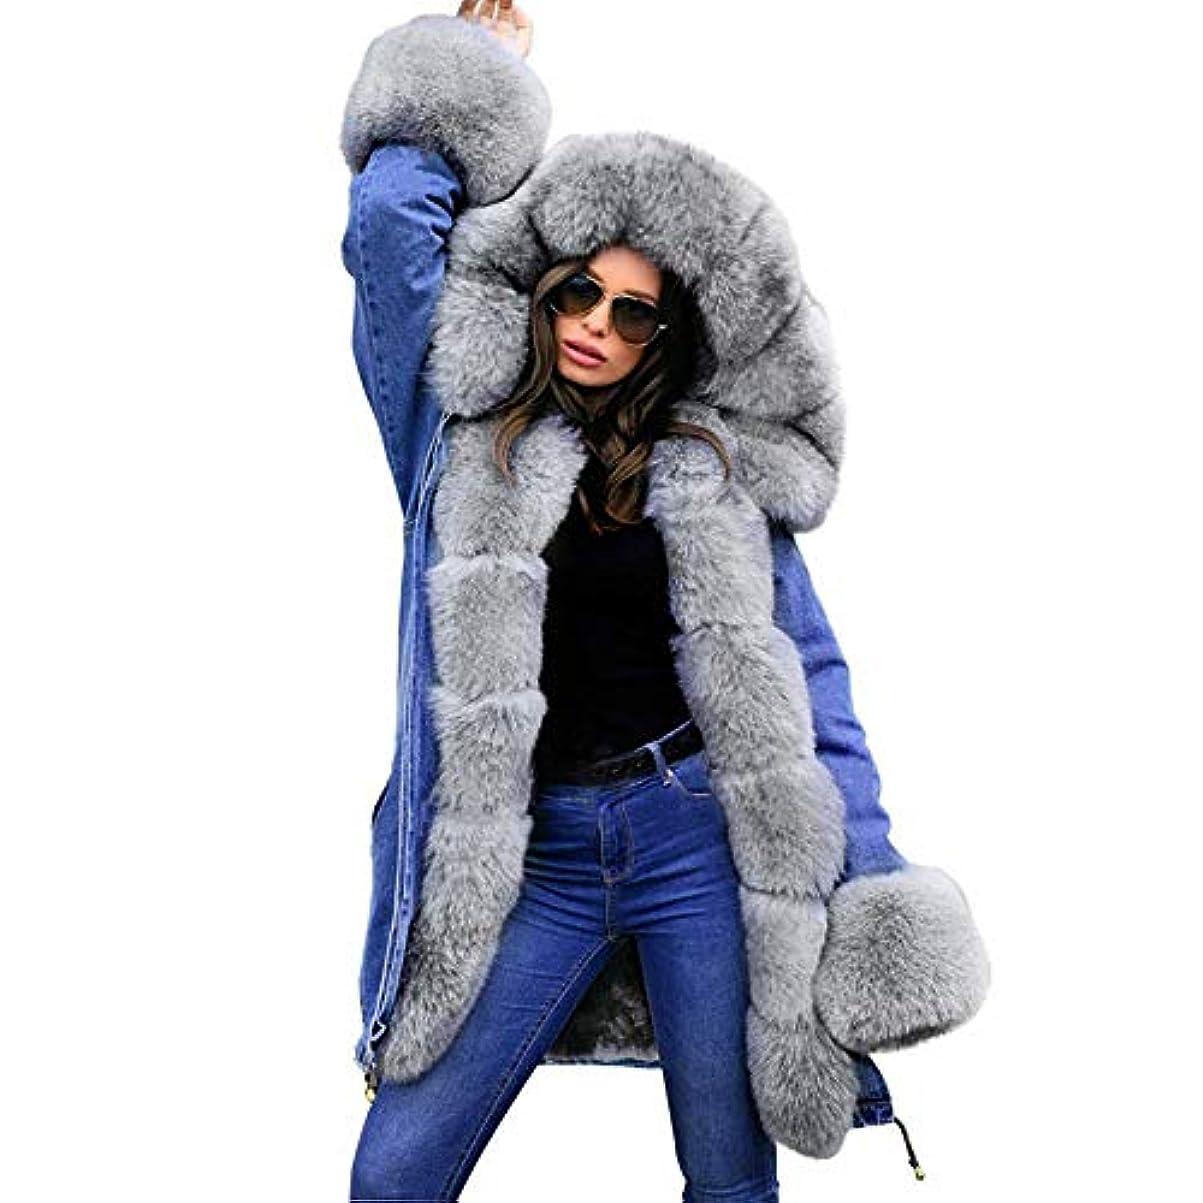 間違えた塩辛いシート冬の女性のフード付きコートの毛皮の襟暖かいロングコートの女性の冬のジャケット女性のアウター,XL